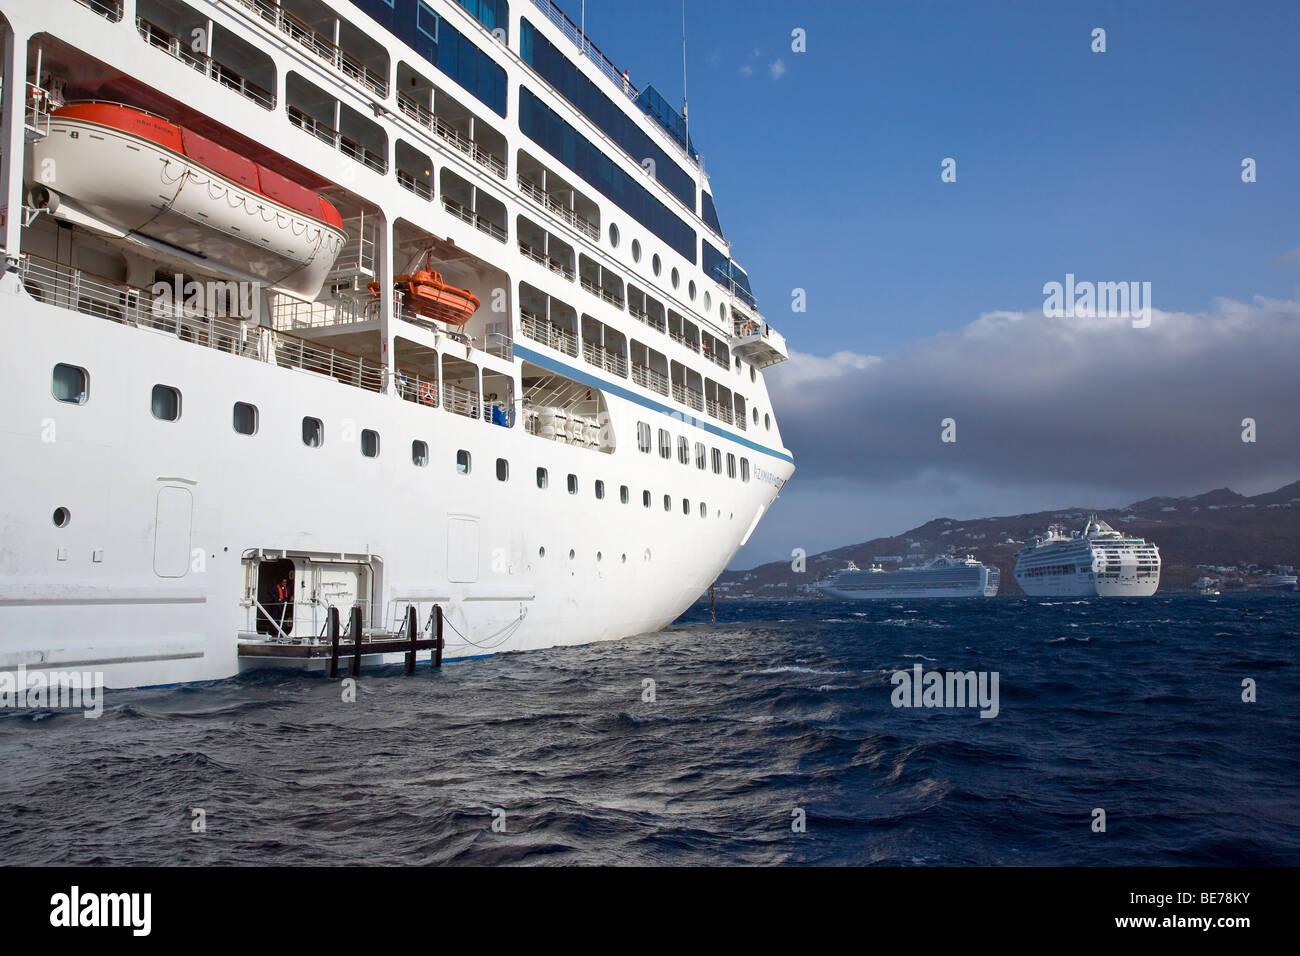 Mykonos Greece Cruise Ship Azamara Quest Anchored - Stock Image